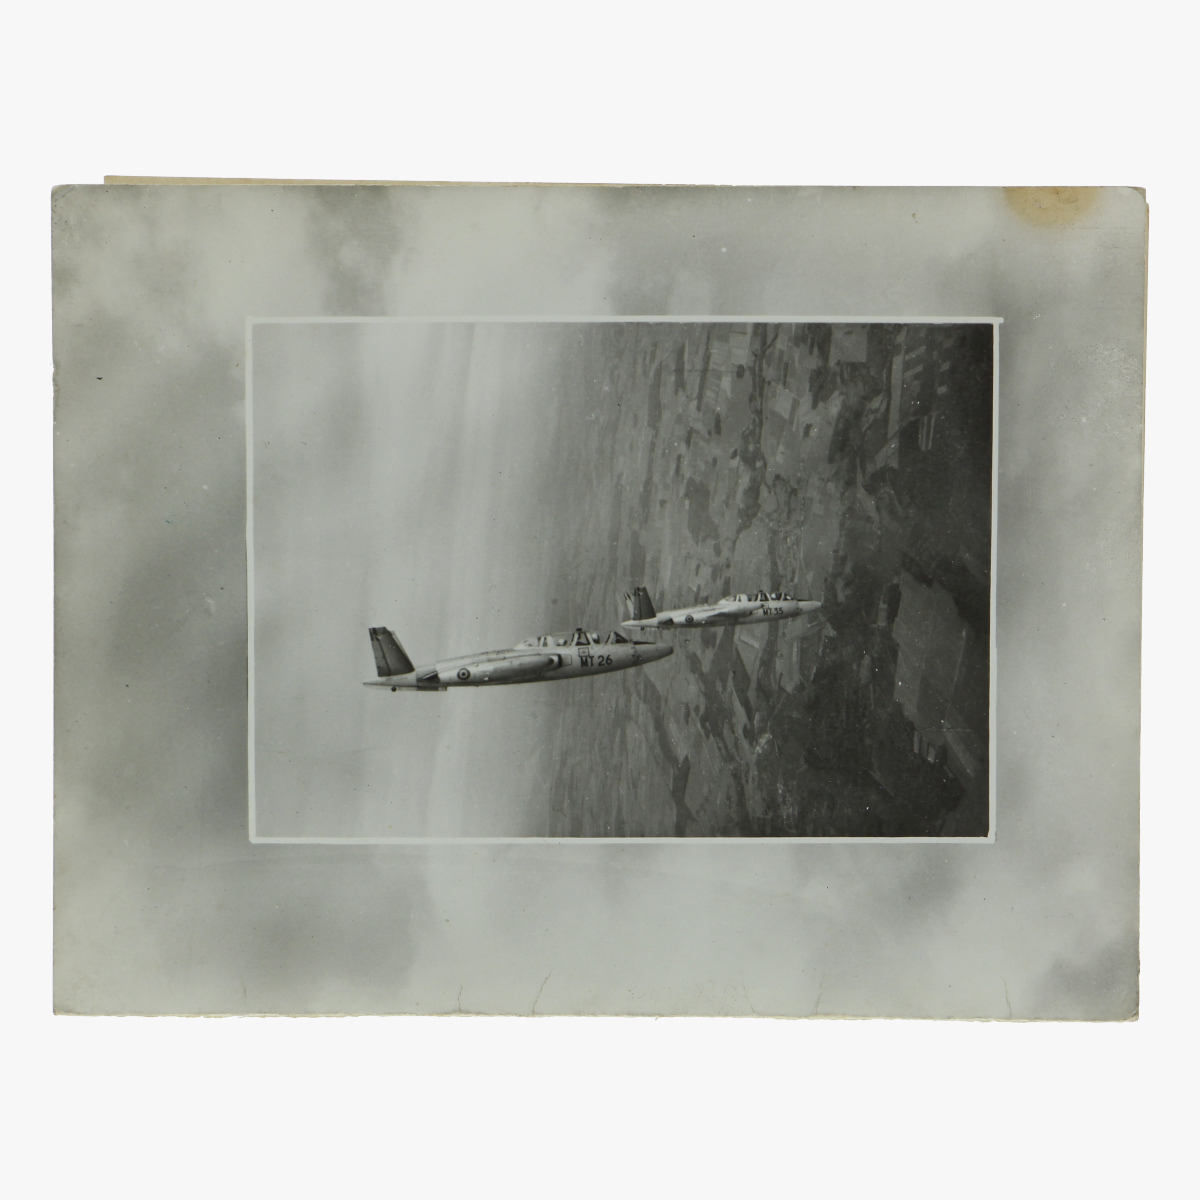 Afbeeldingen van wenskaart vervolmakingscentrum luchtmacht Sint-truiden